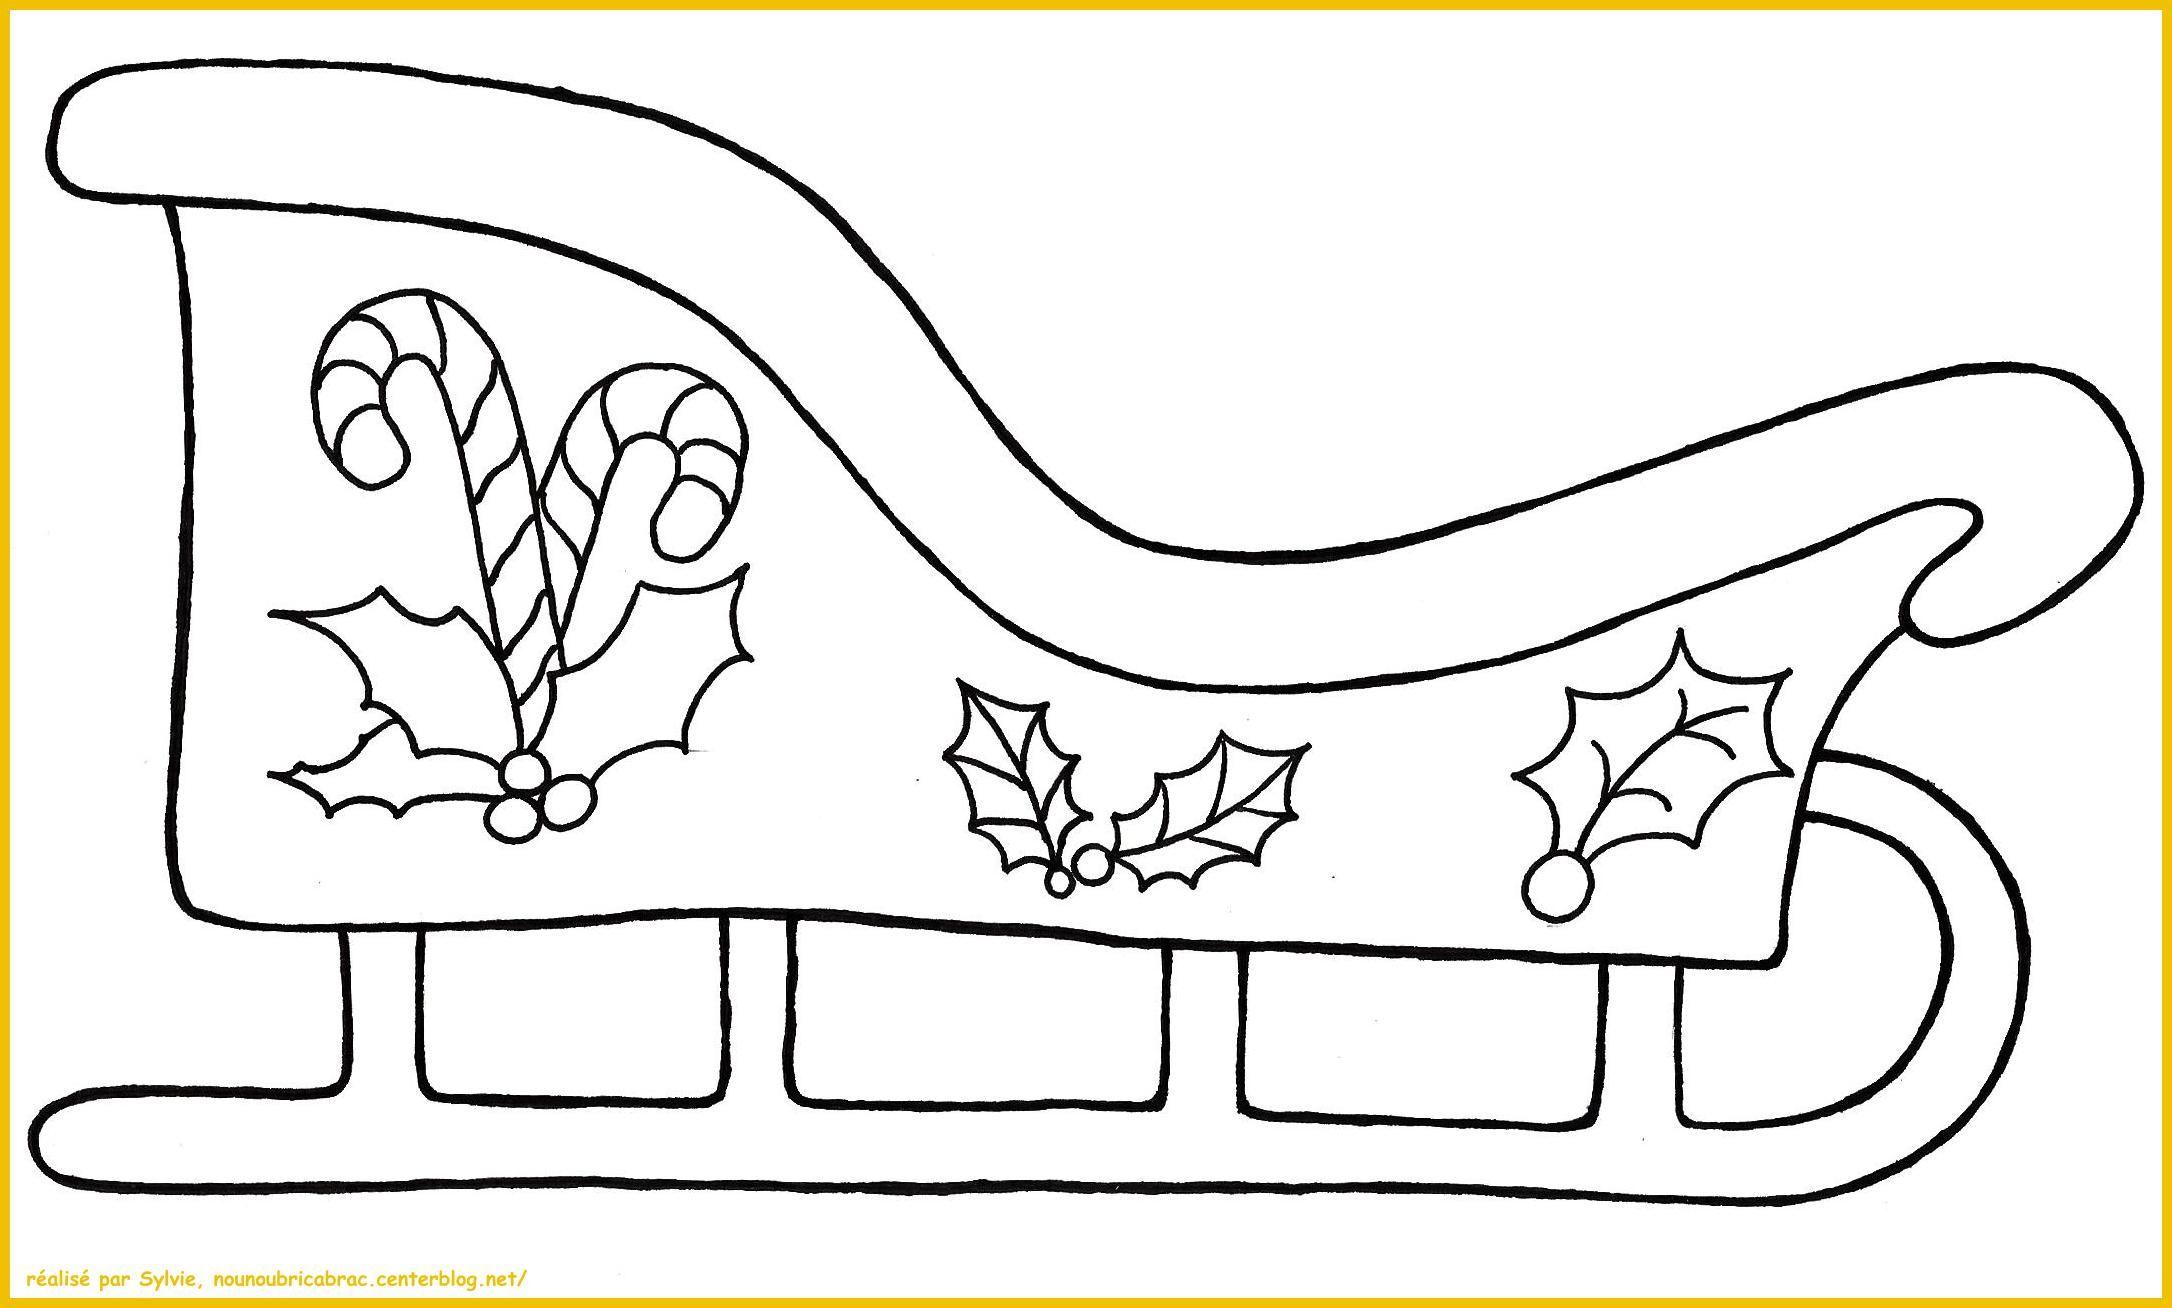 Traineau du Père Noël à colorier | Traineau pere noel, Pere